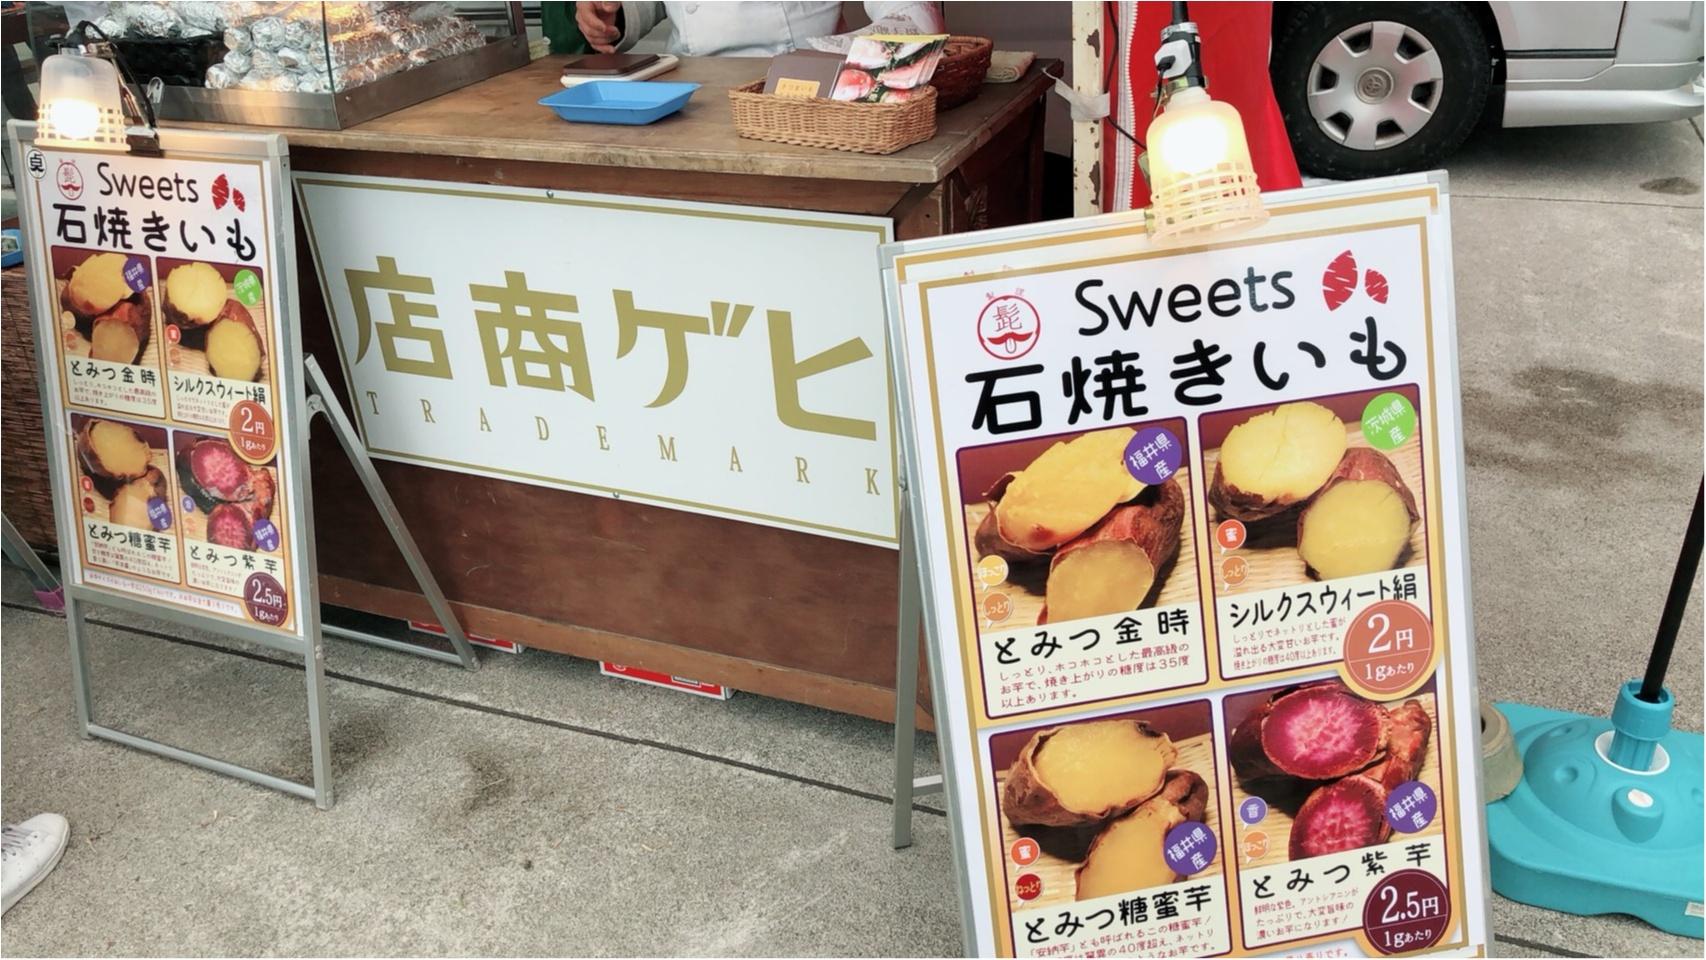 今年も始まった‼「品川やきいもテラス」は全国から焼き芋屋さんが集合する焼き芋祭り‼_2